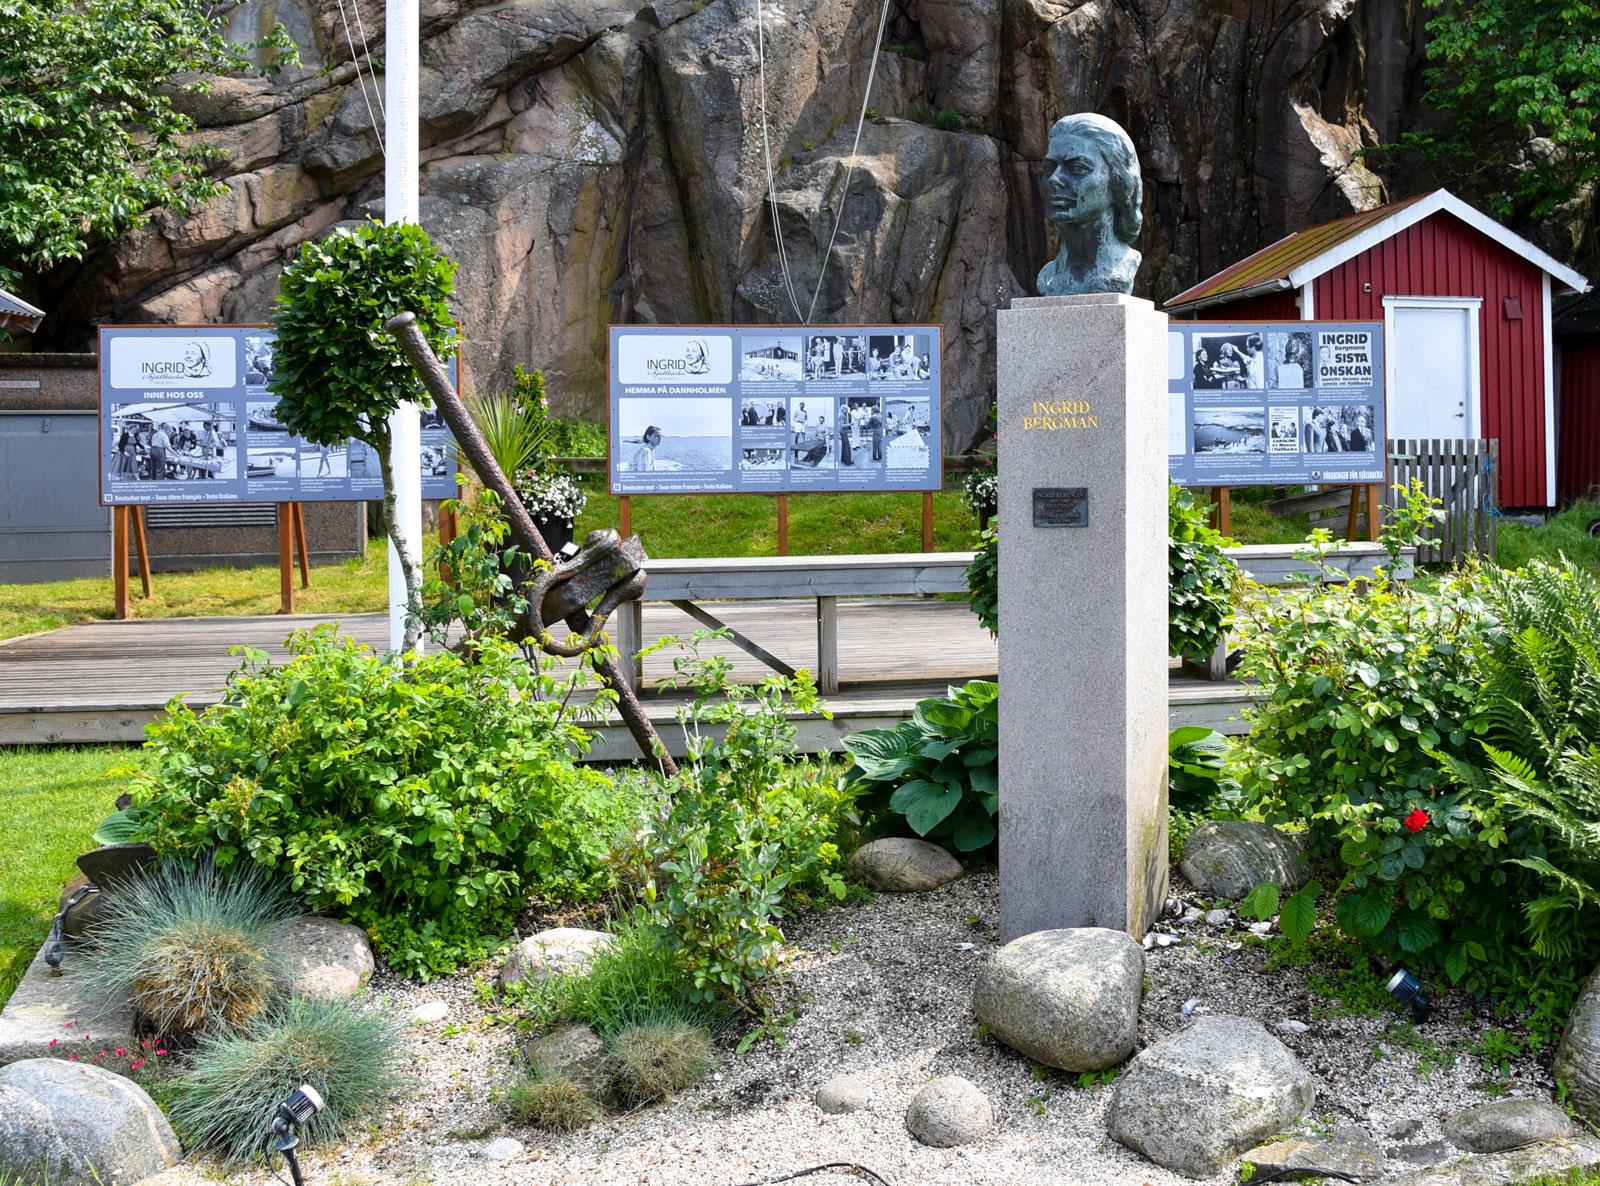 I Fjällbacka finns en utställning och ett litet torg tillägnat Ingrid Bergman som gärna vistades här.